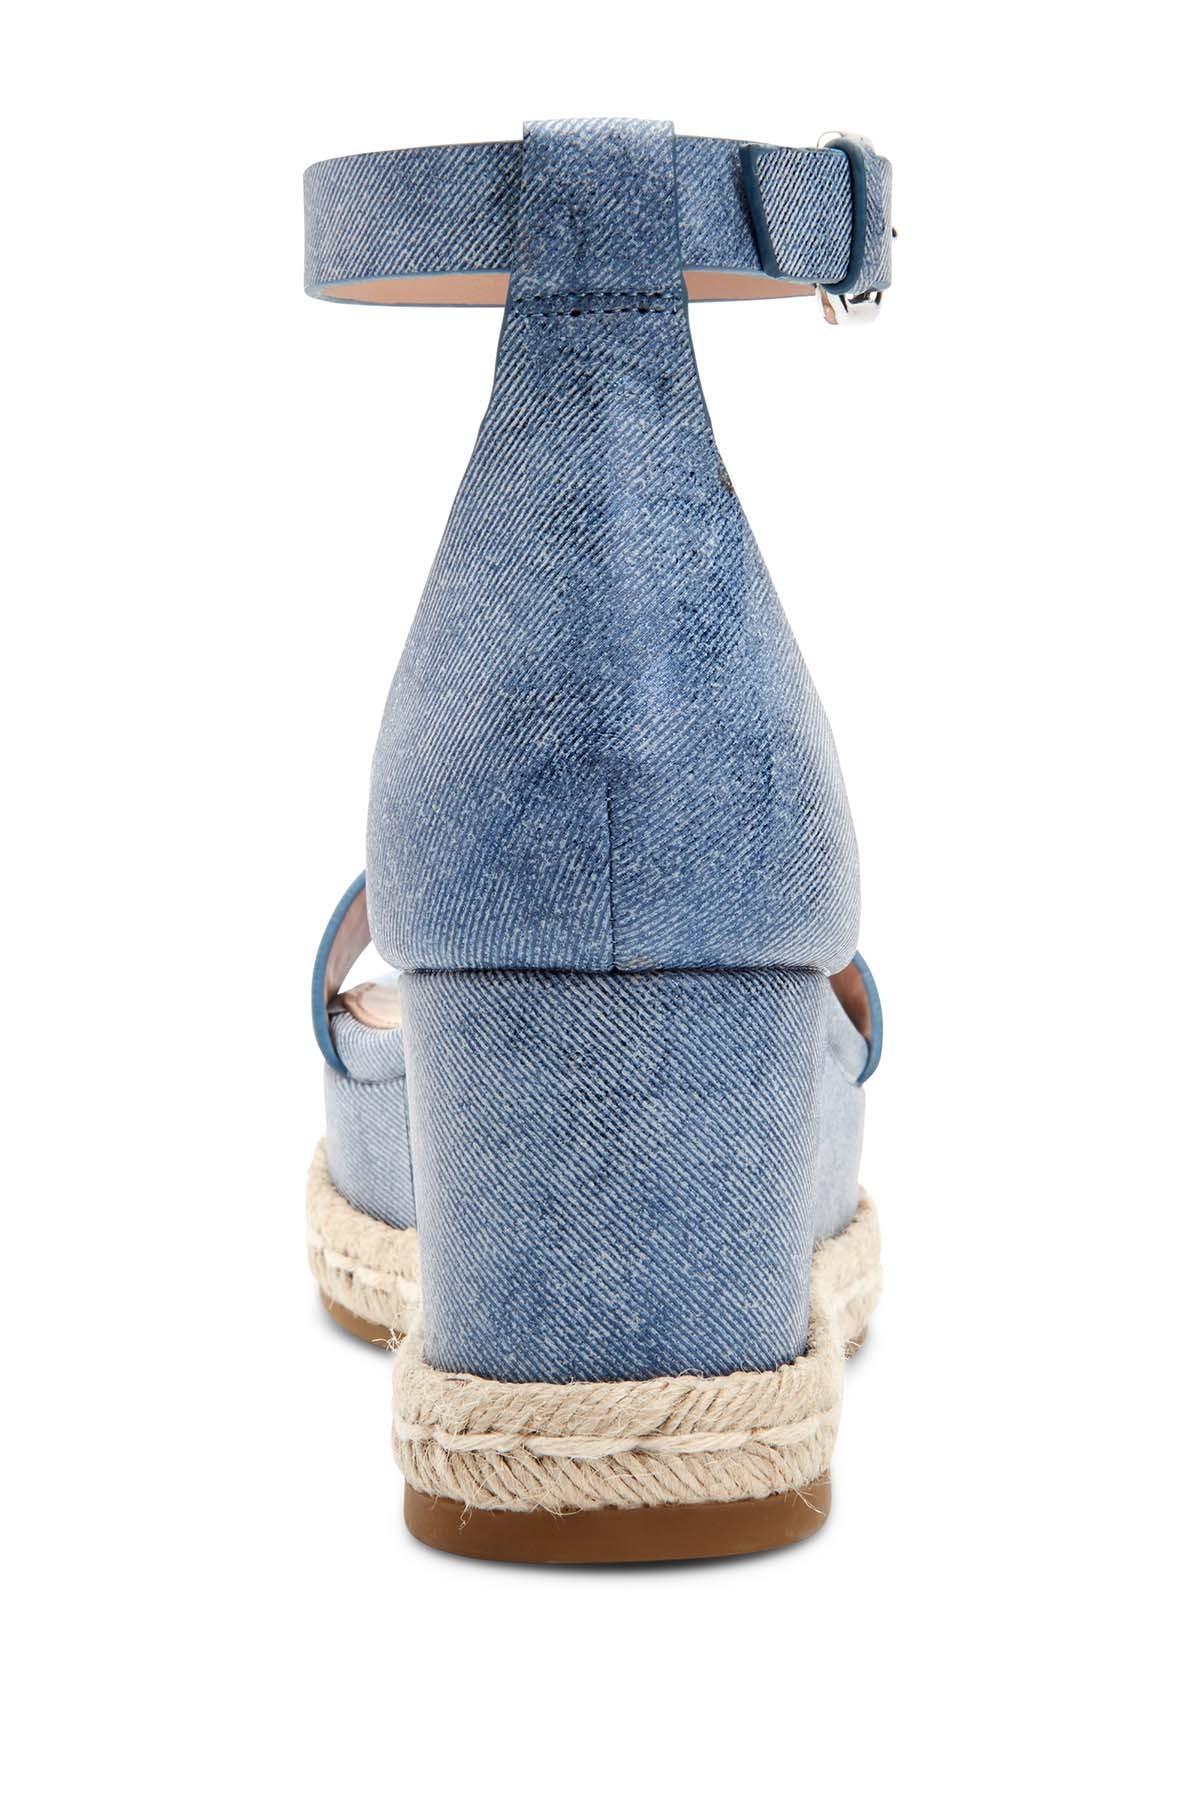 11d4cdd9885 Women's Blue Addie Espadrille Wedge Sandals